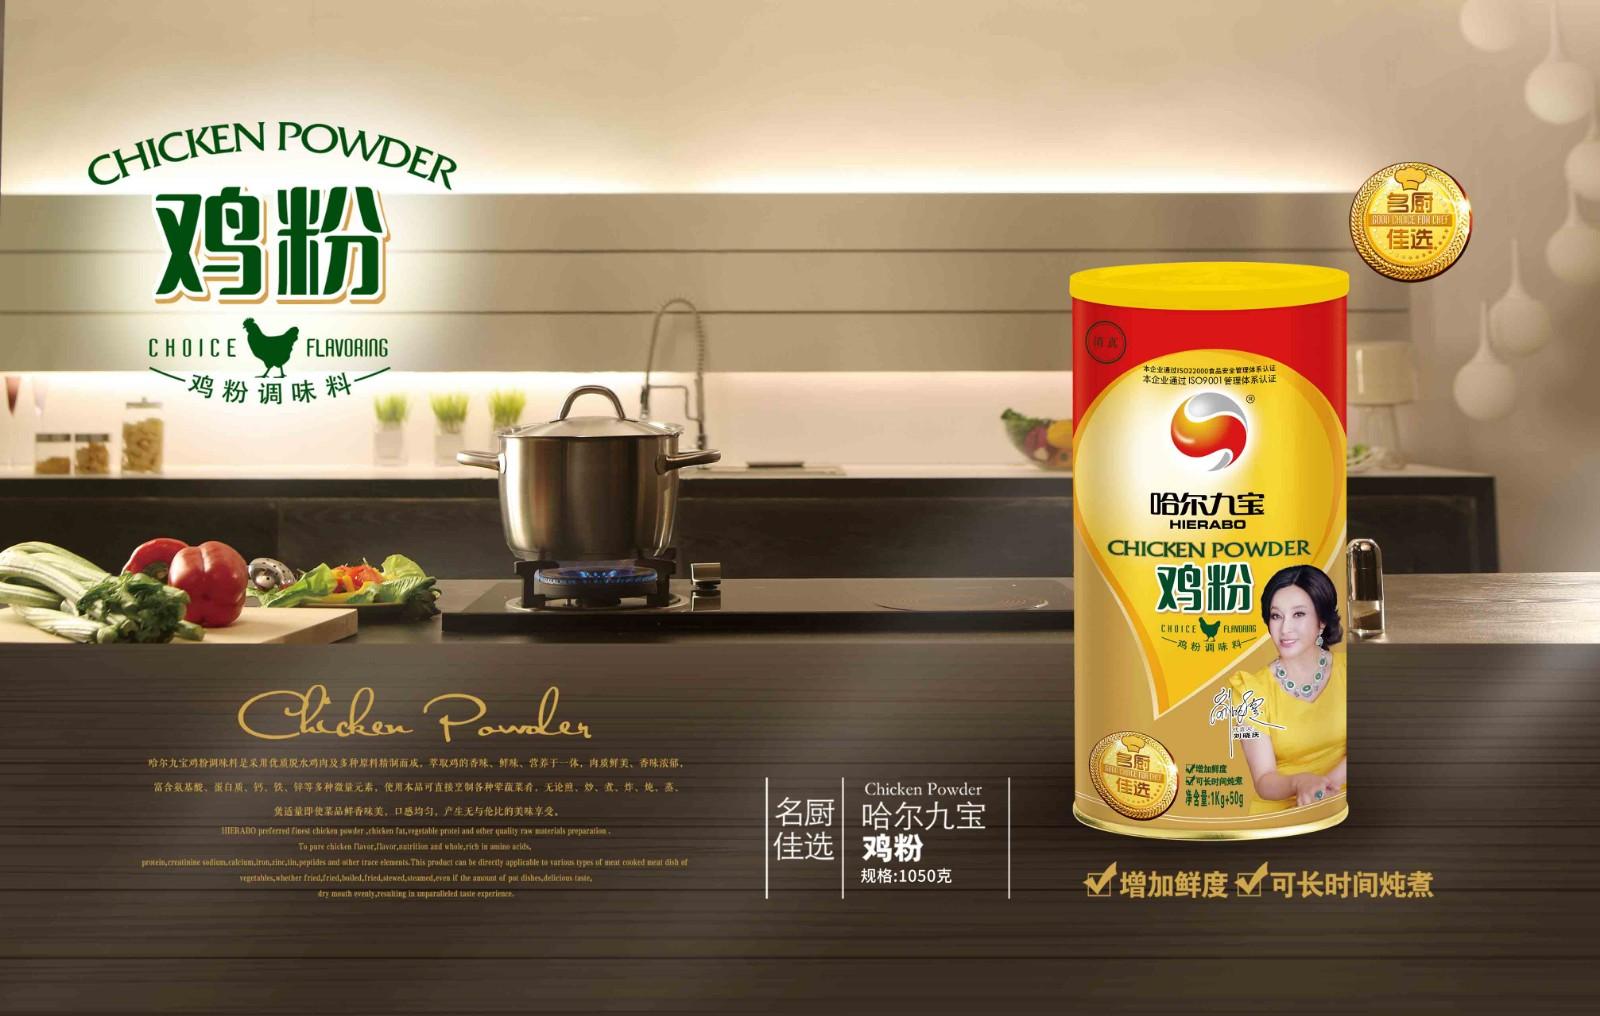 哈尔龙8国际最新官网鸡粉